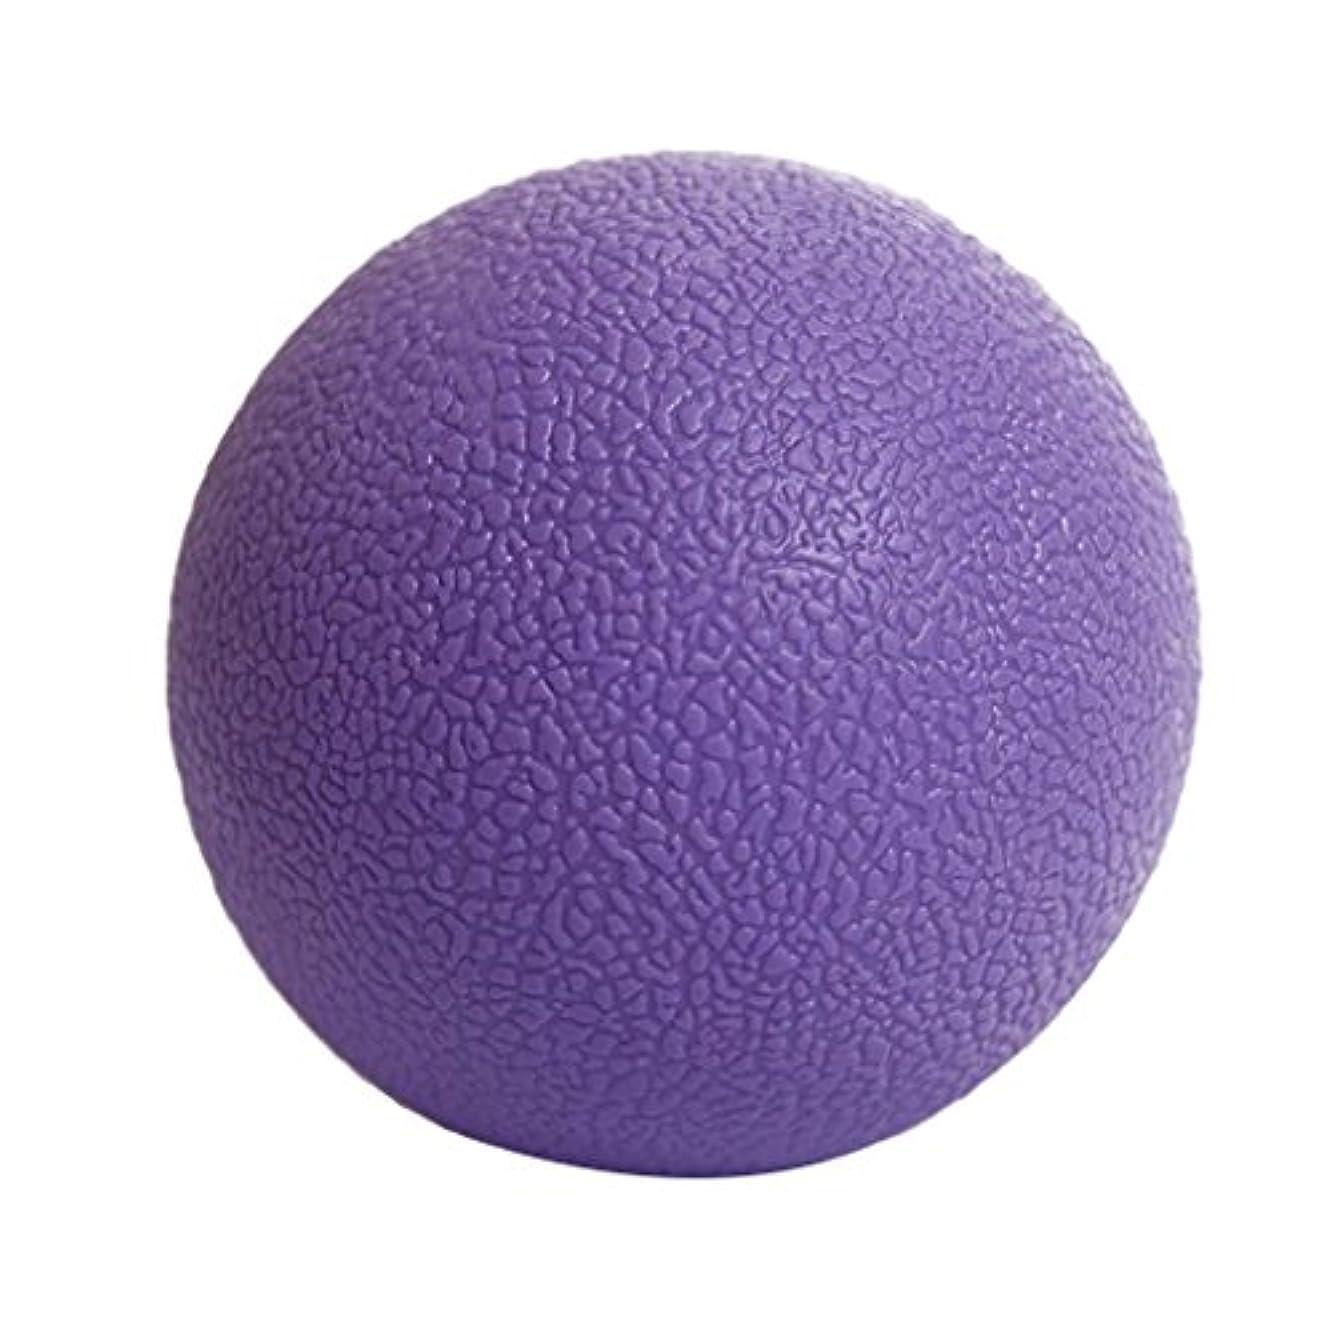 概念固有のエントリマッサージボール ジムフィットネス 筋肉マッサージ ボール トリガーポイント 4色選べる - 紫の, 説明したように